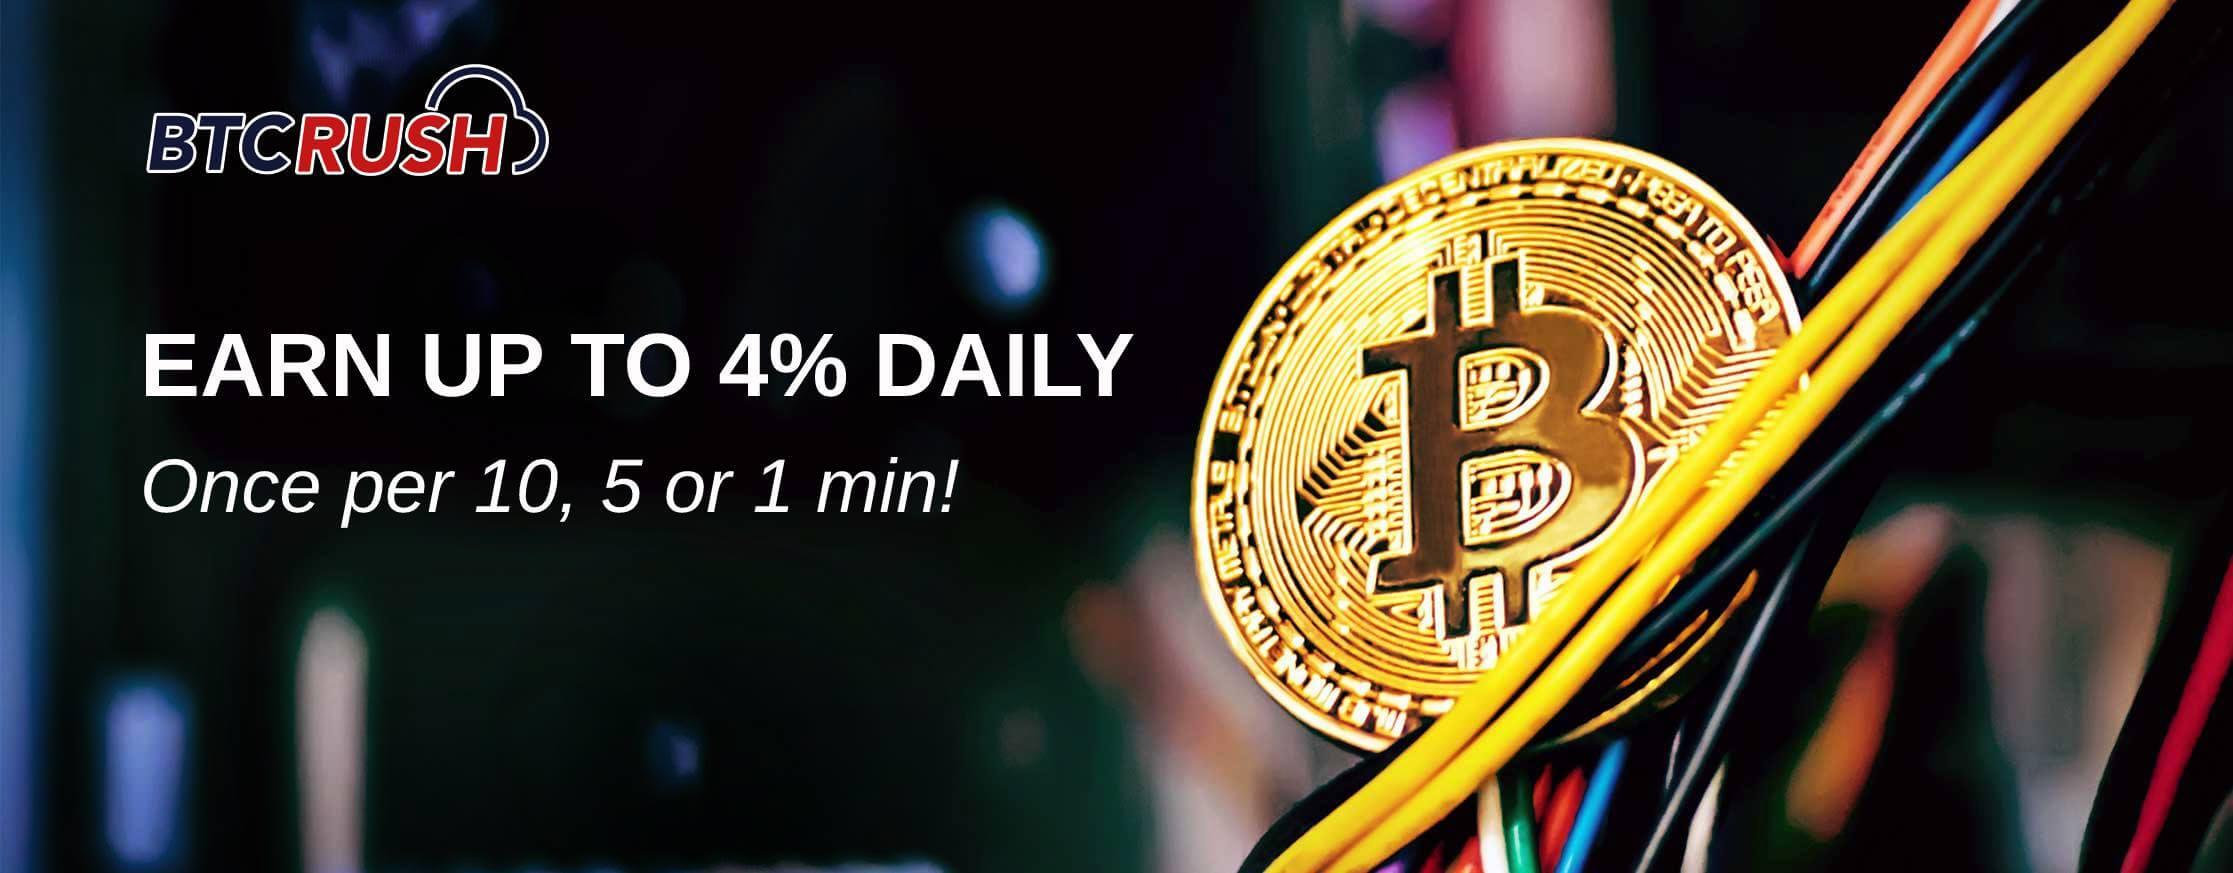 موقع Btcrush الإستثمارالعالي العائد على تعدين و تداول العملات الرقمية المشفرة .